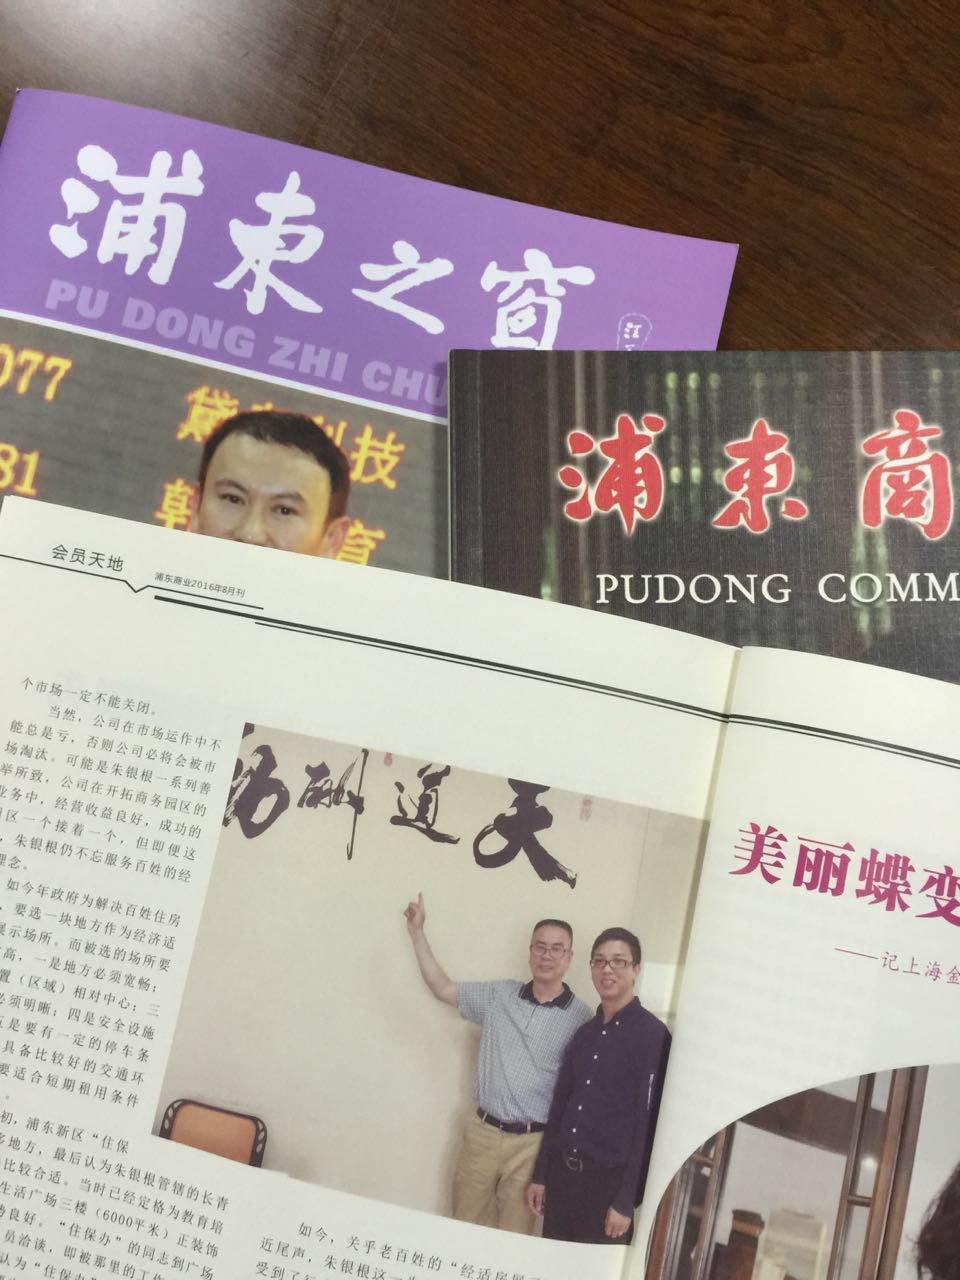 牛商网免费辅导企业转型互联网,上海媒体给赞